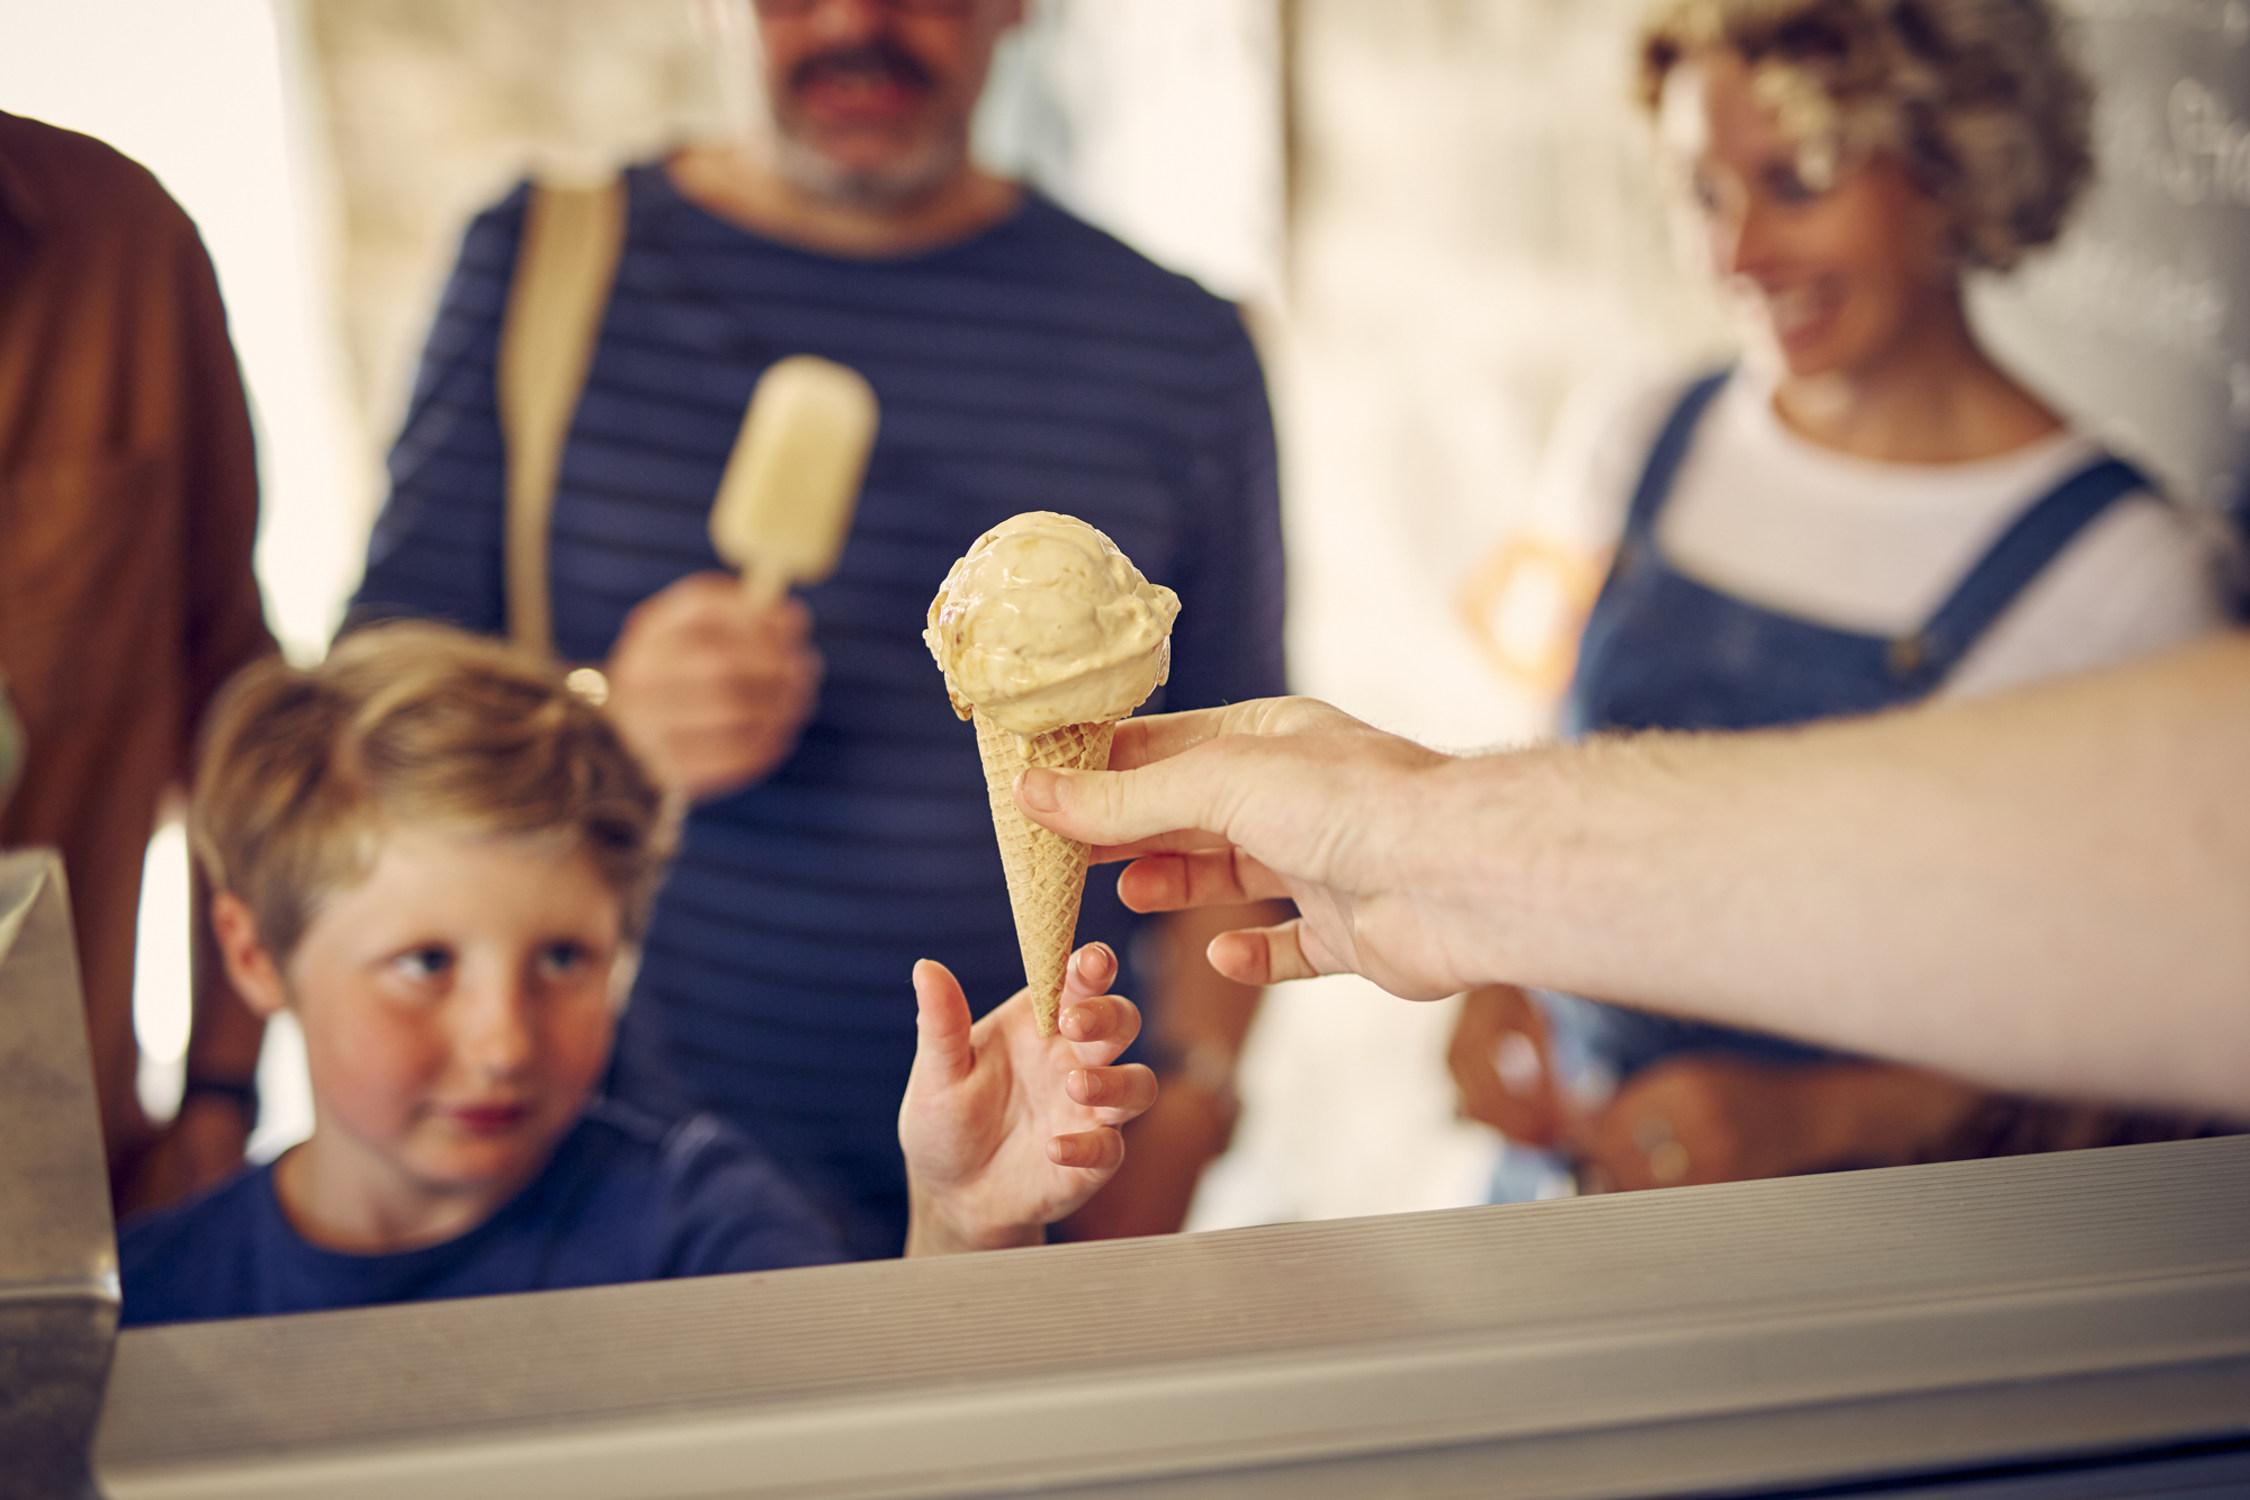 It's Ice Cream Season...